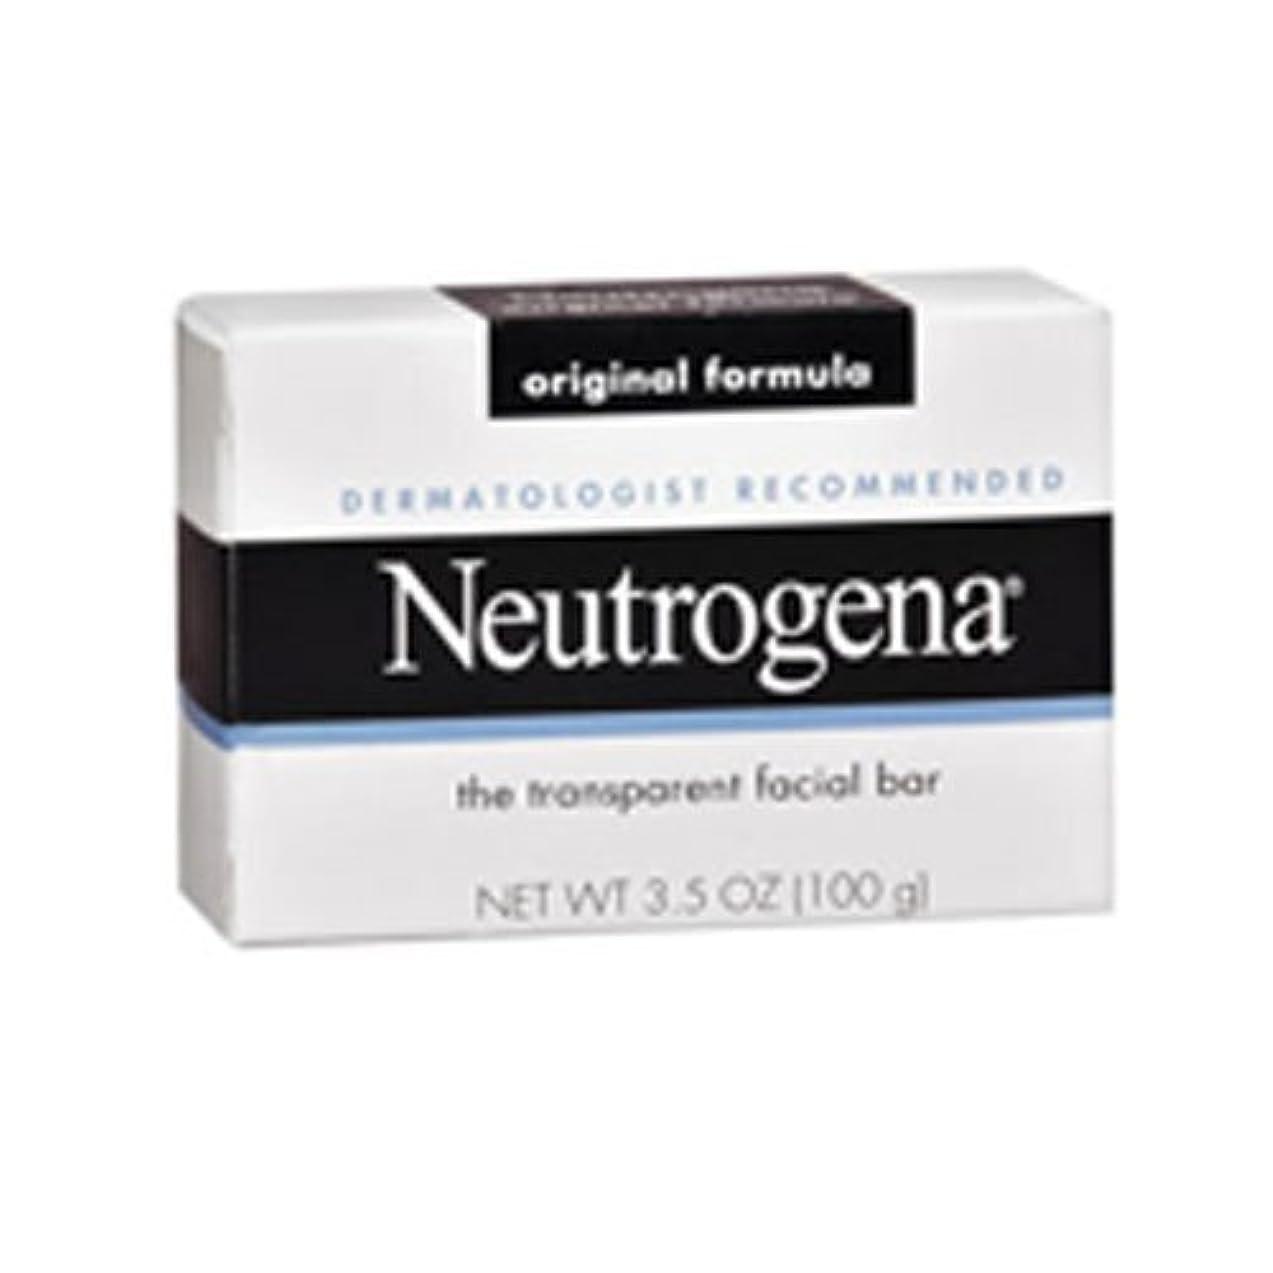 眉摘む海海外直送肘 Neutrogena Transparent Facial Soap Bar, 3.5 oz